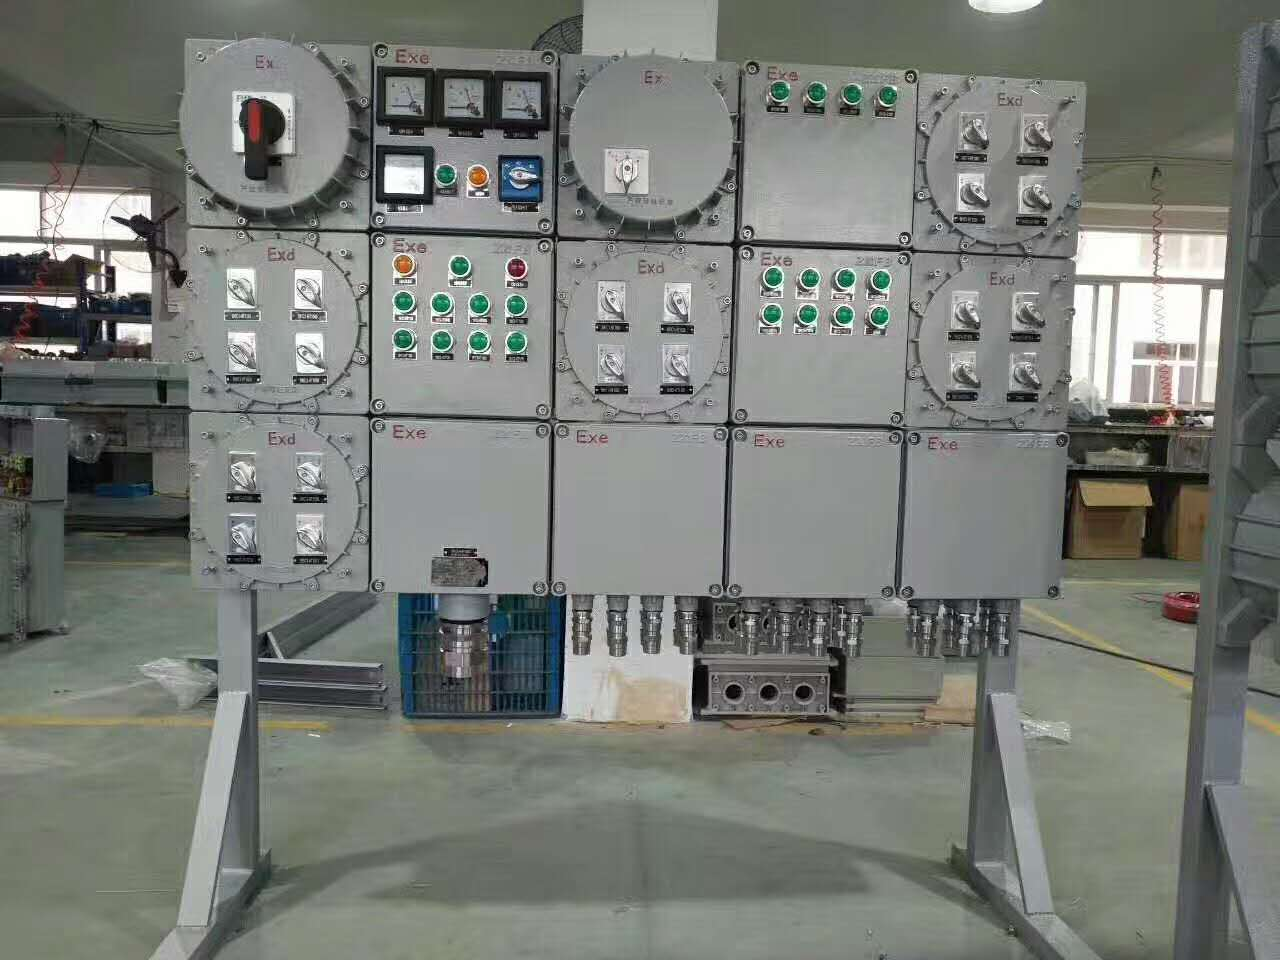 电路的通路和断开,每个断路器控制一个回路,防爆配电箱由隔爆和增安